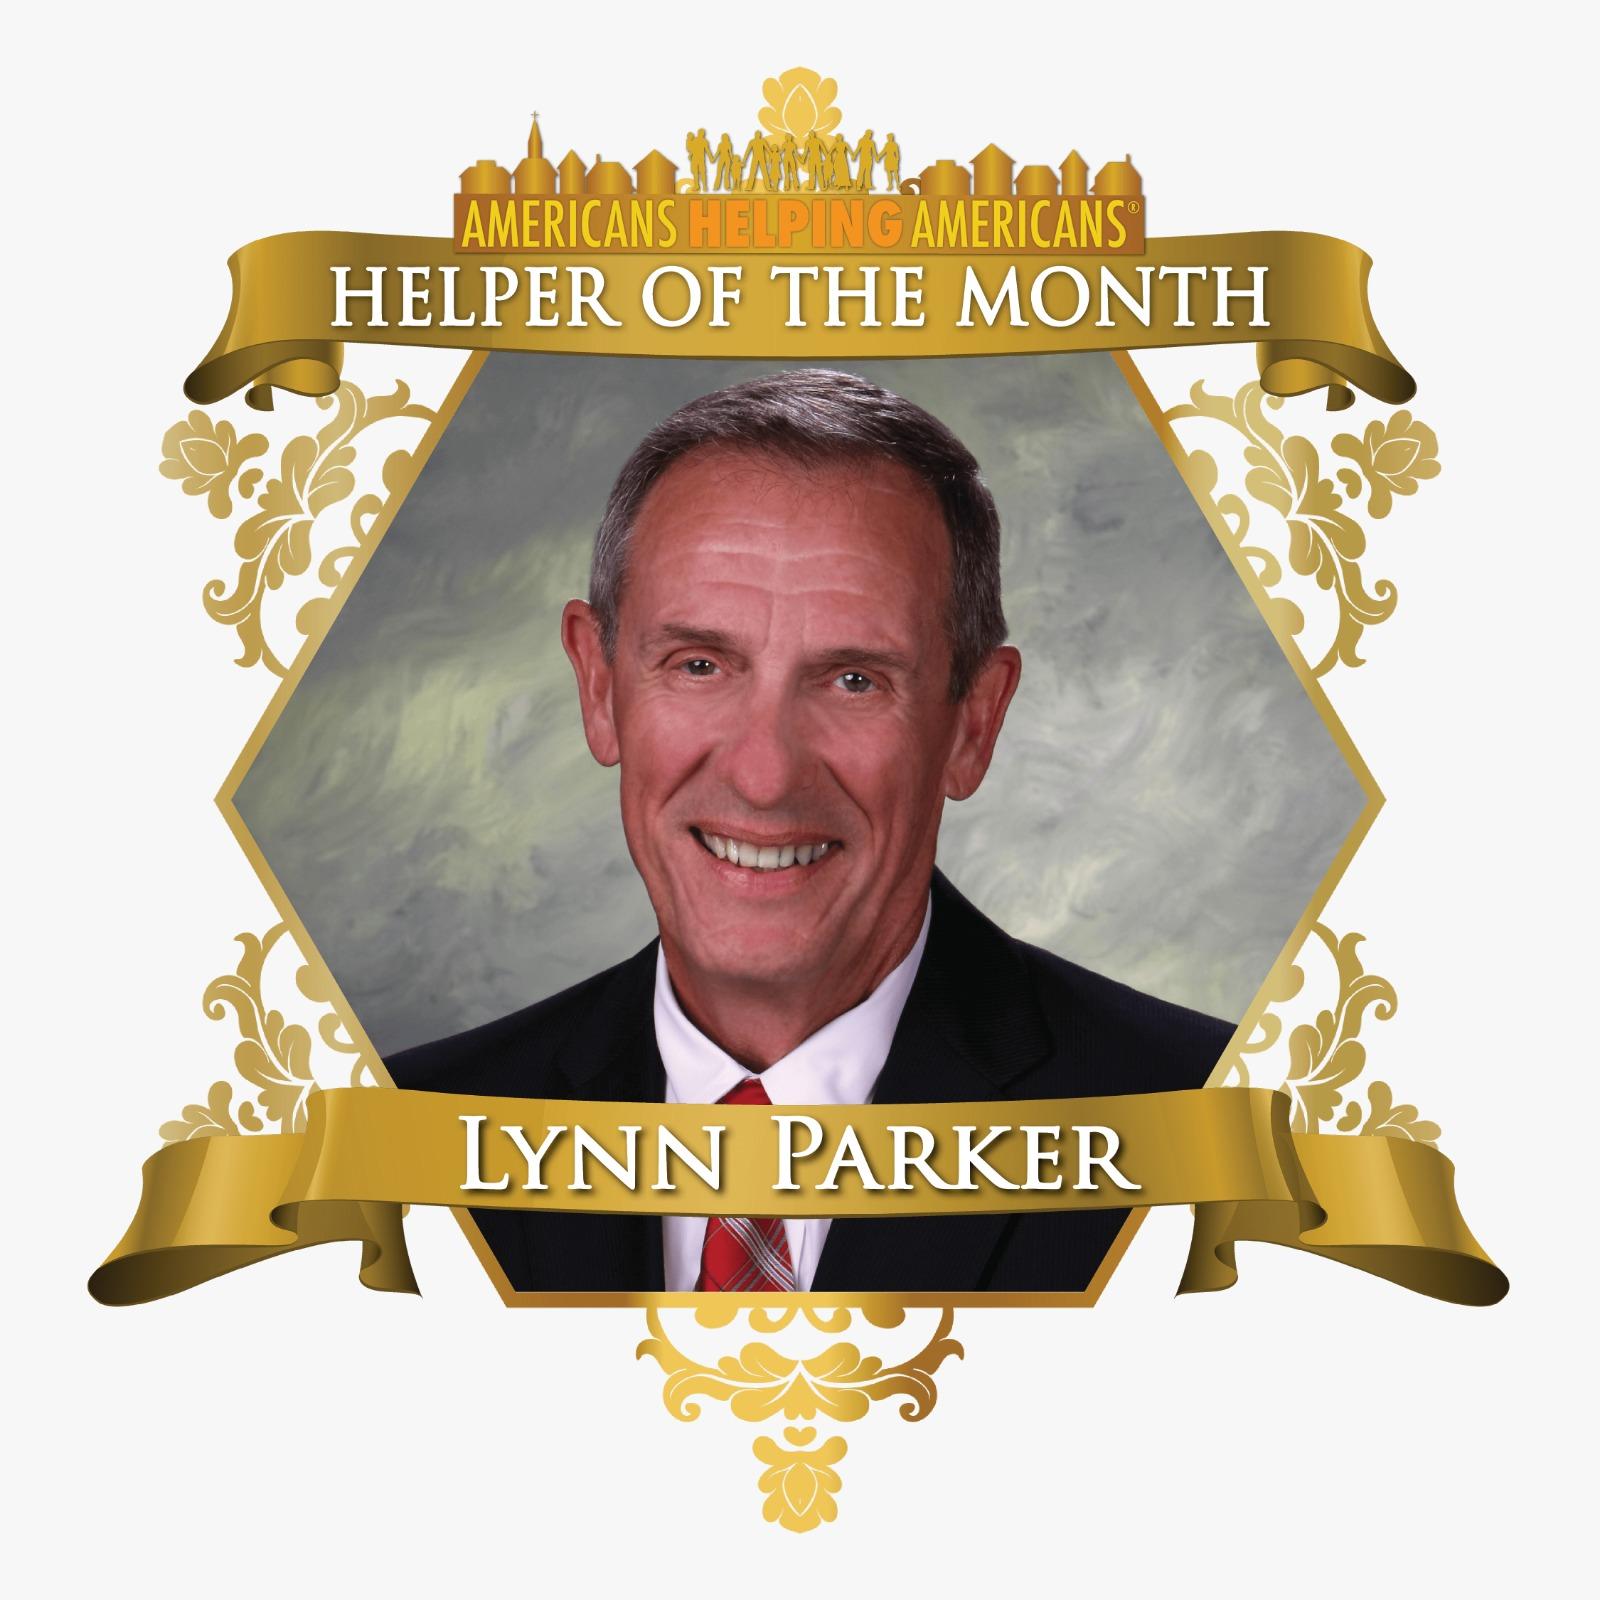 Helper of the Month Lynn Parker